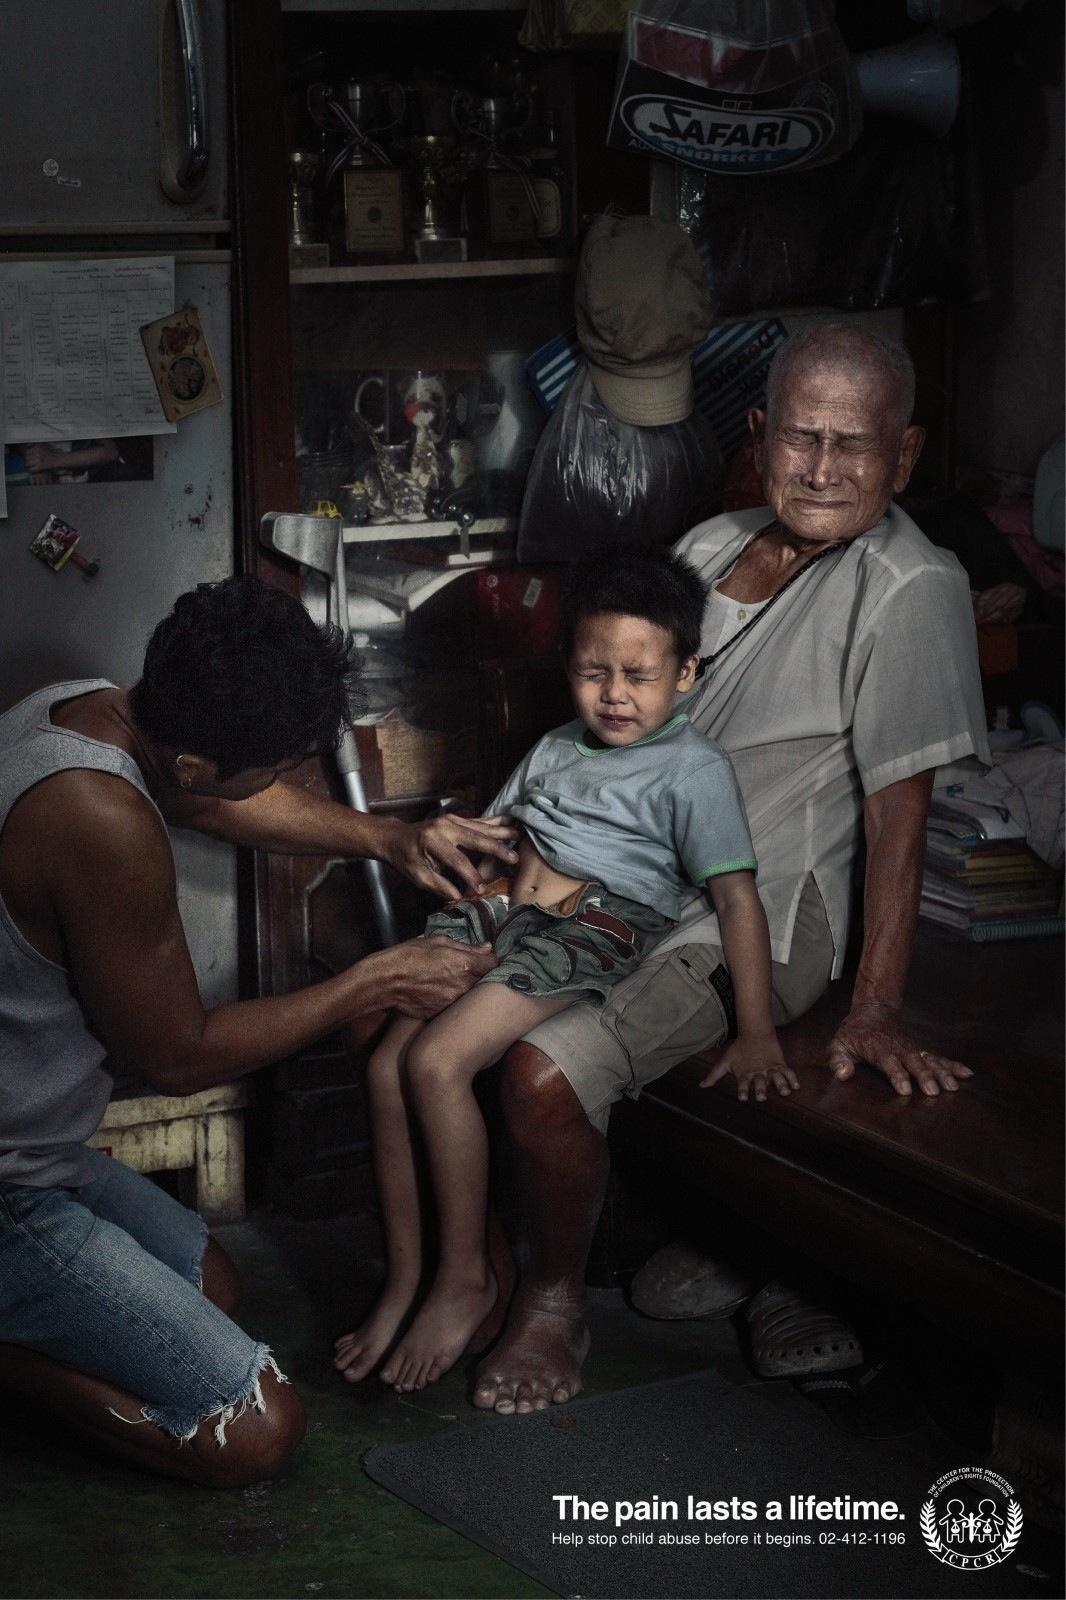 Nỗi đau theo suốt một đời - bộ ảnh phòng chống lạm dụng trẻ em từng gây chấn động MXH Thái Lan - Ảnh 2.